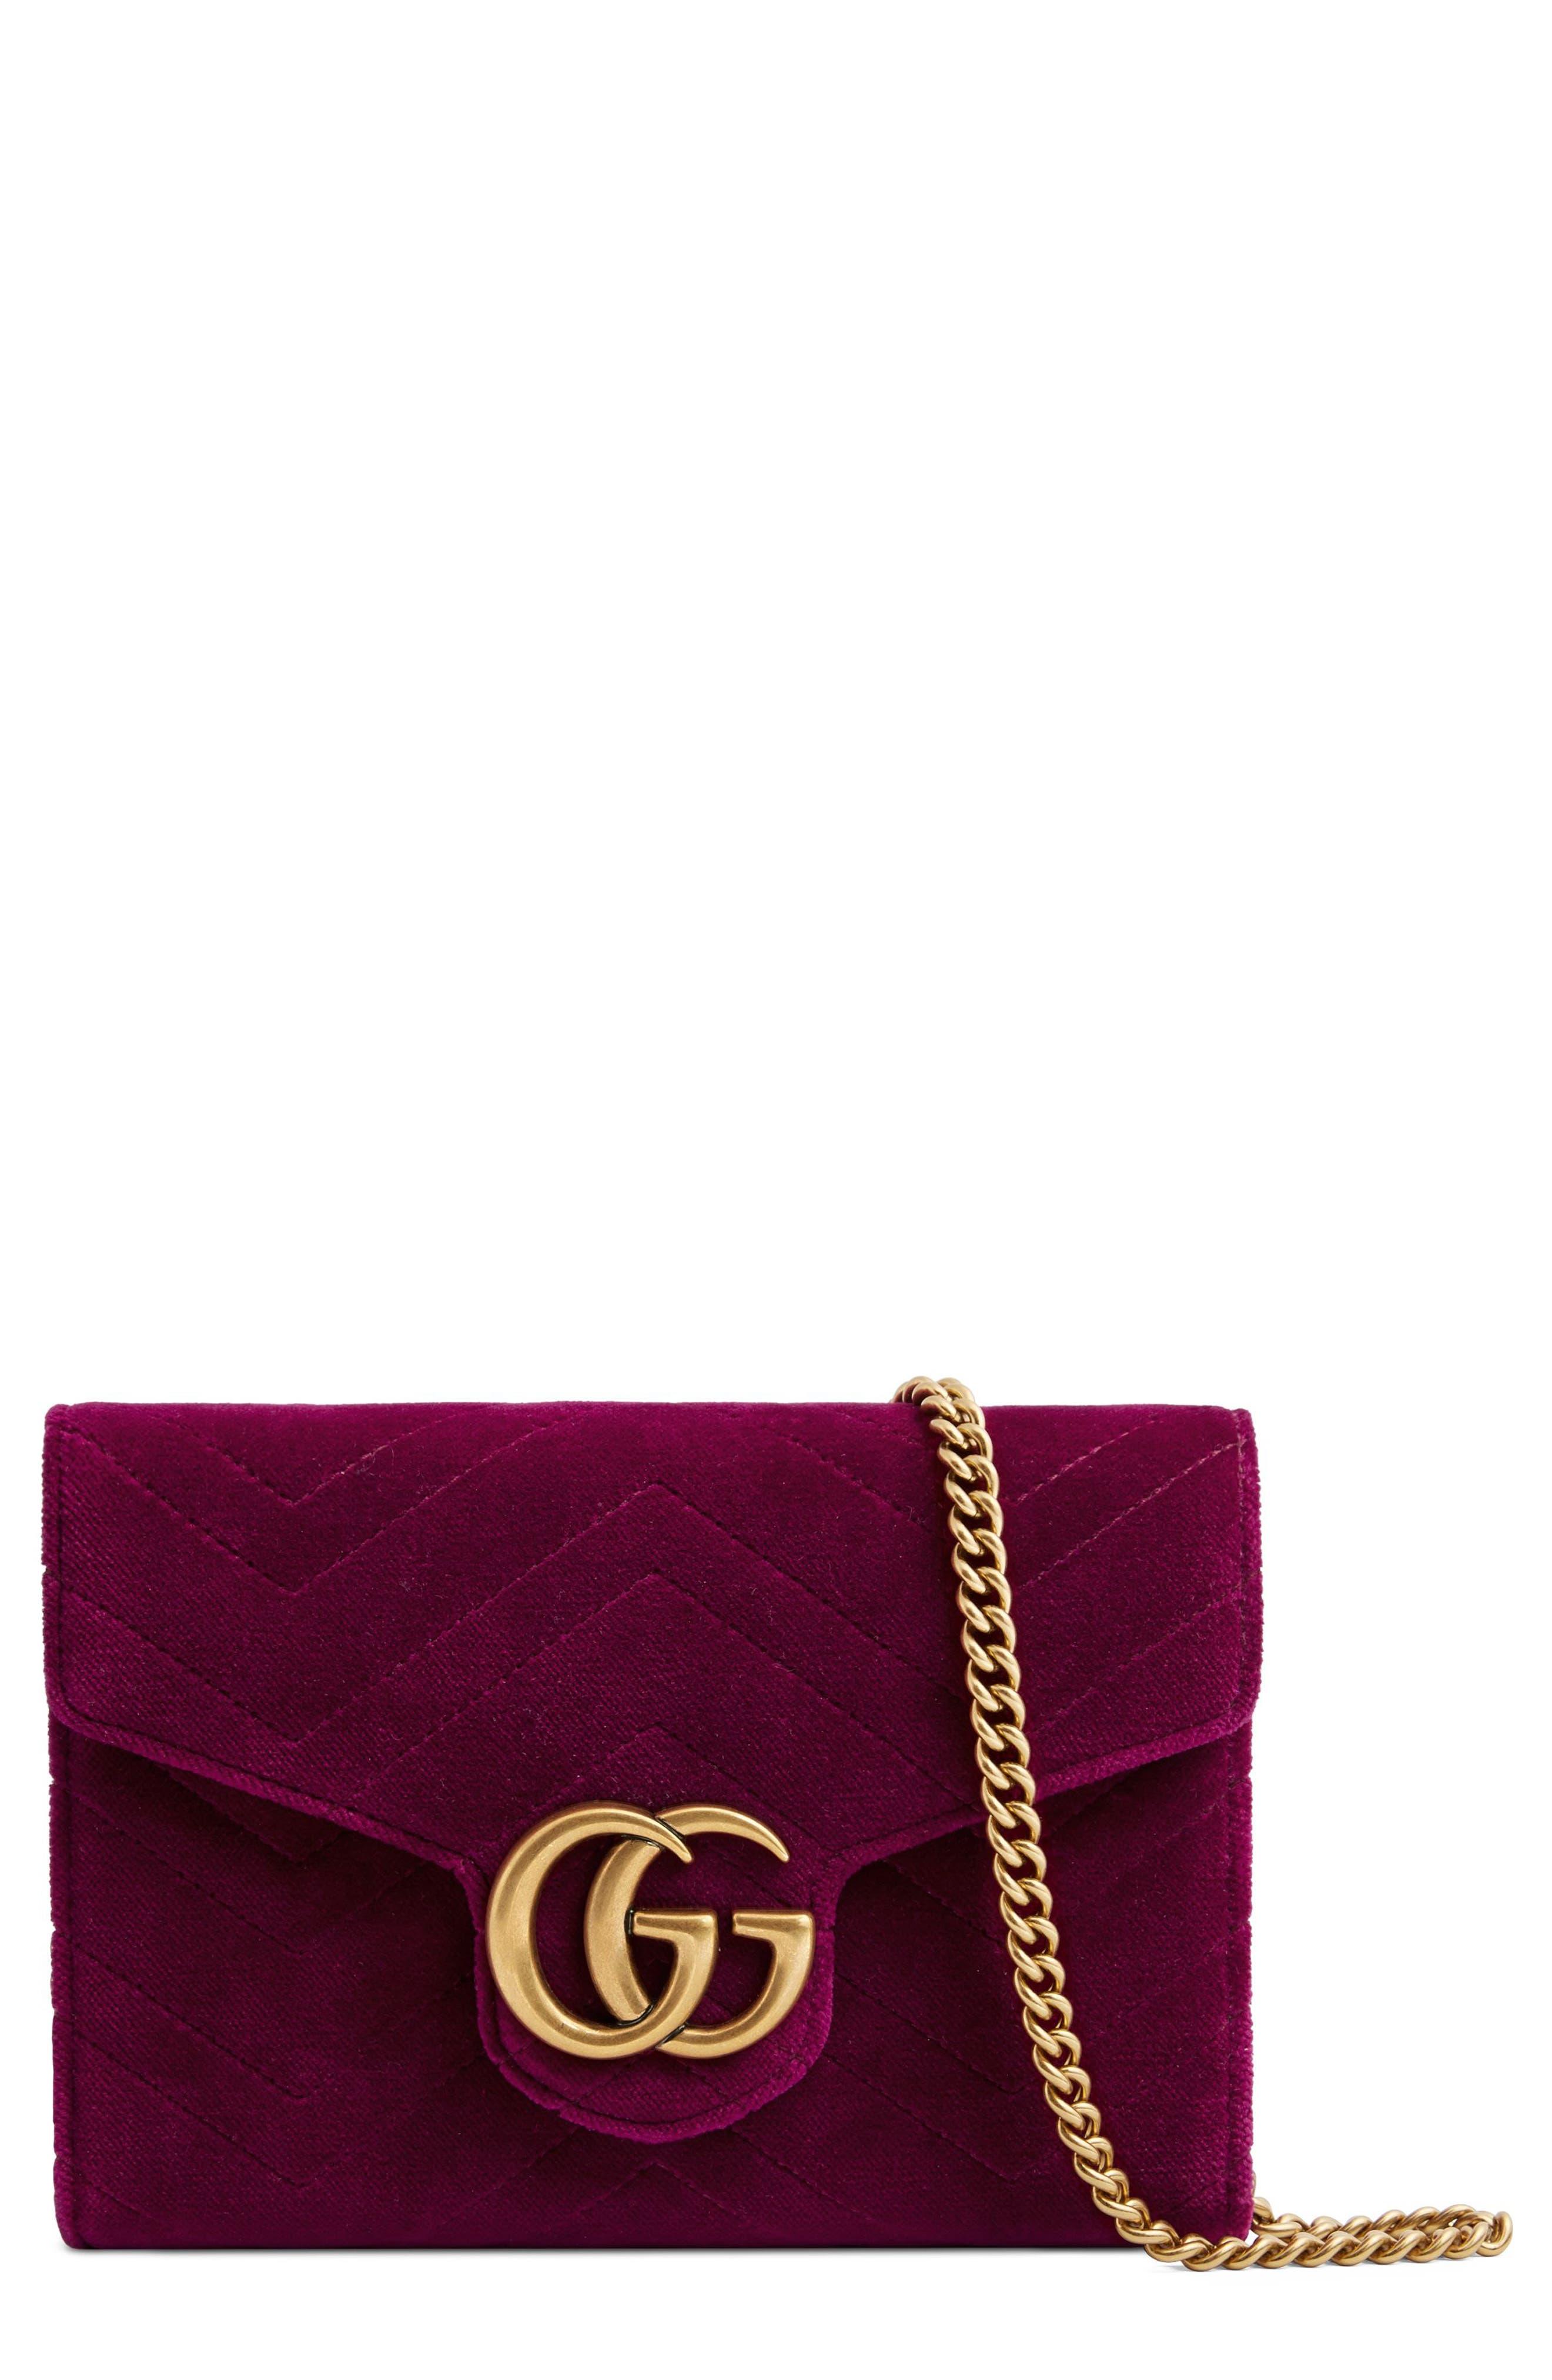 GG Marmont 2.0 Matelassé Velvet Wallet on a Chain,                             Main thumbnail 1, color,                             Fucsia/ Viola